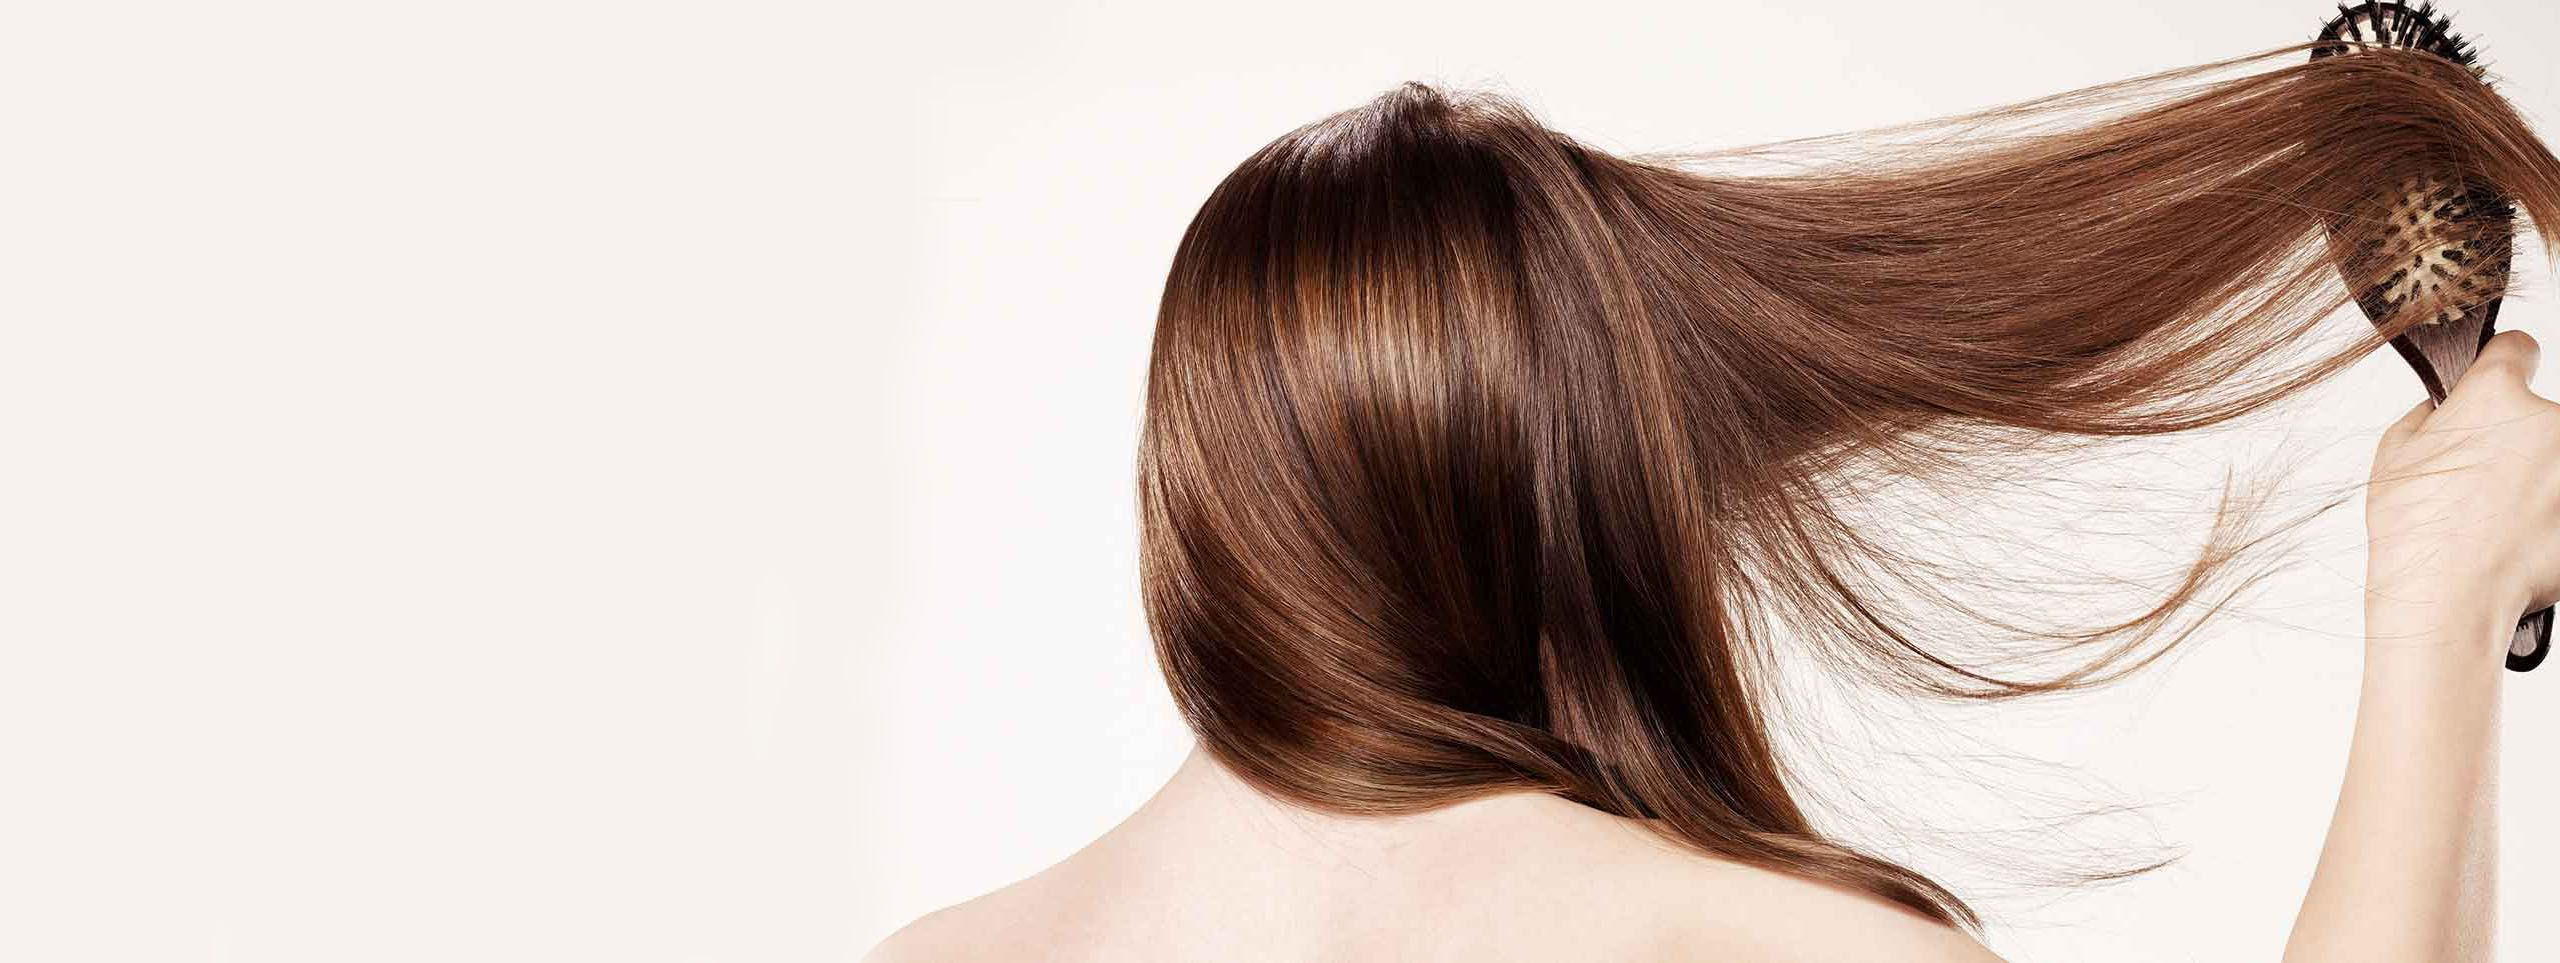 Femme brune se brossant les cheveux